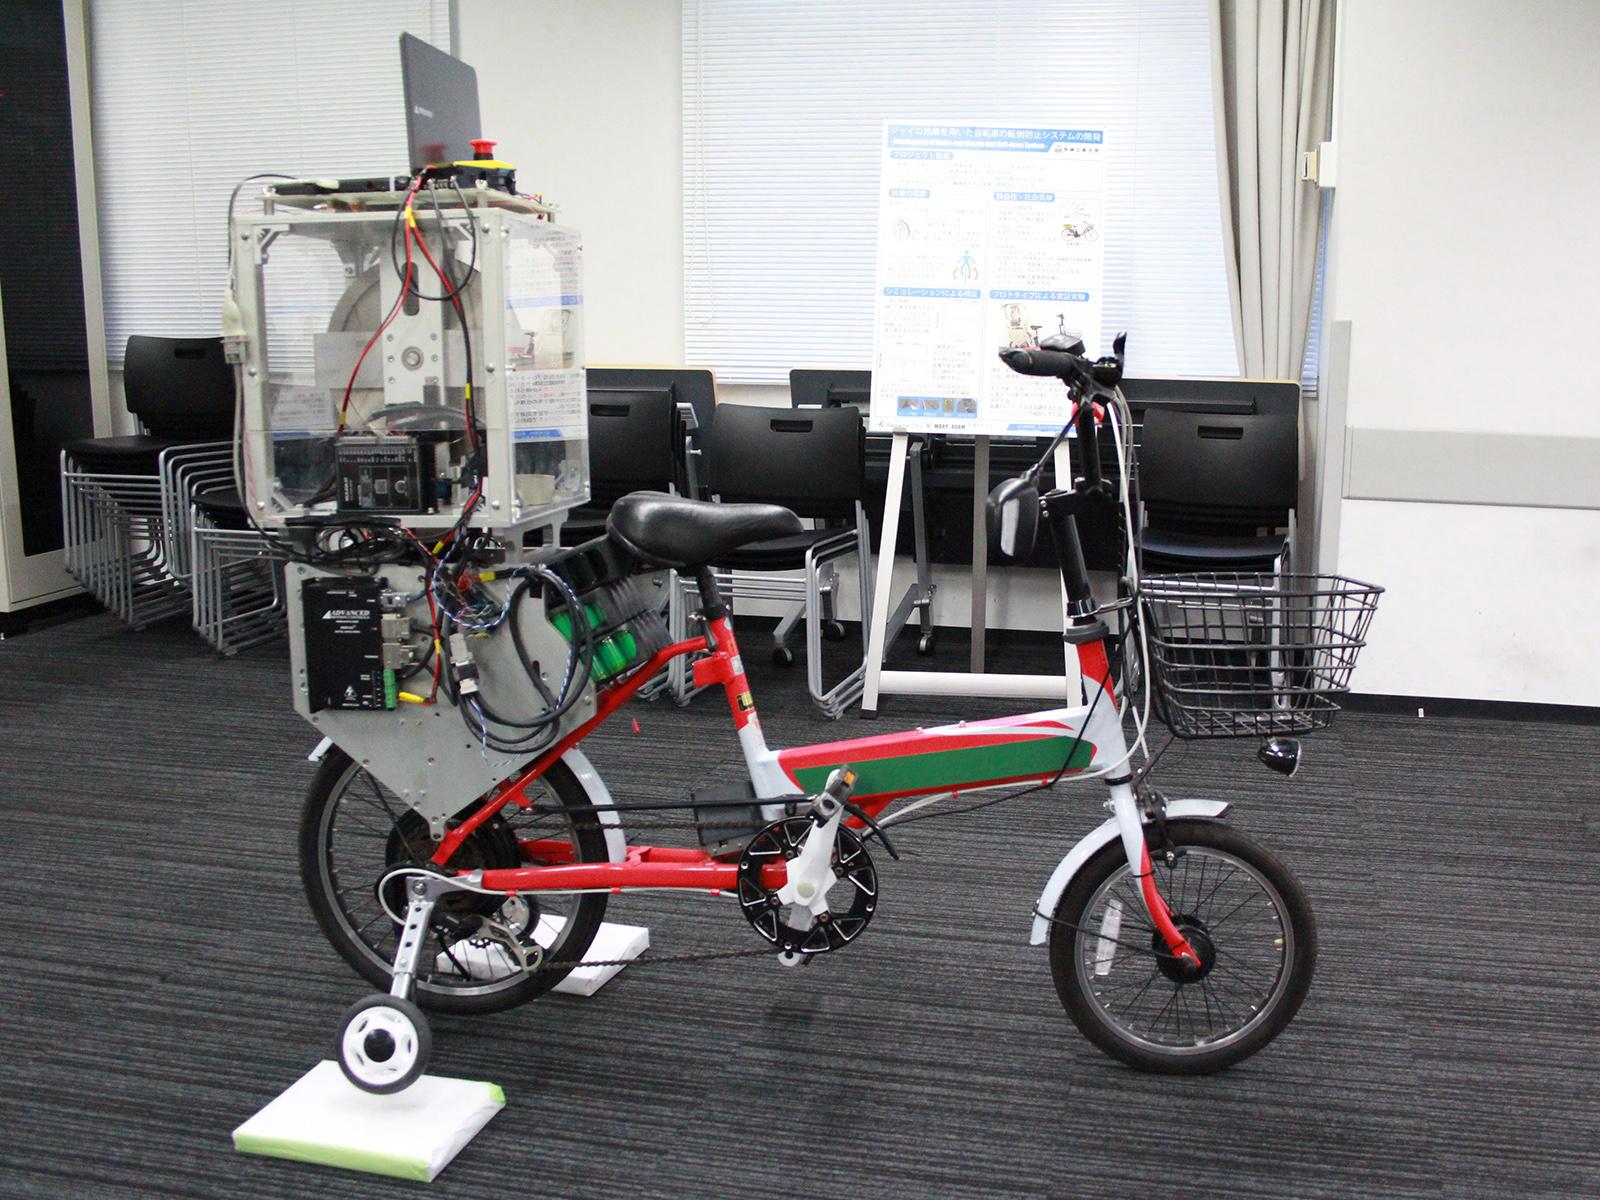 ジャイロ制御による低速時の自転車転倒防止システムを開発 -- 芝浦工業大学